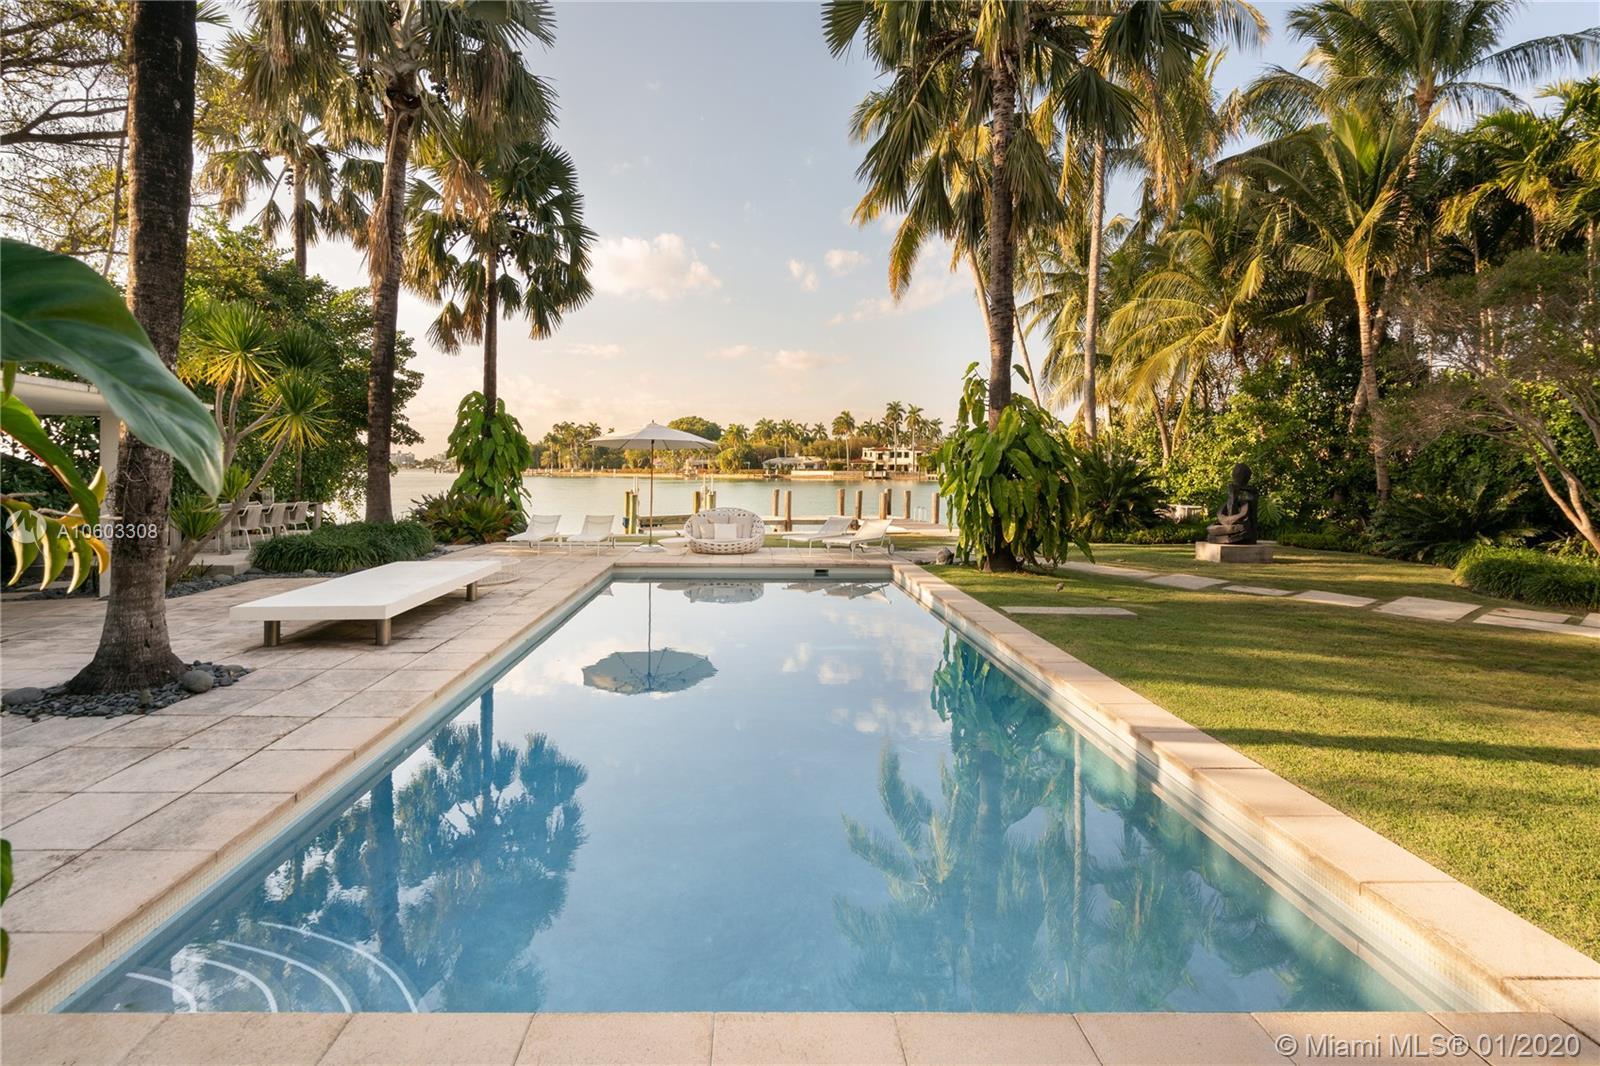 6380 N Bay Rd, Miami Beach, FL 33141